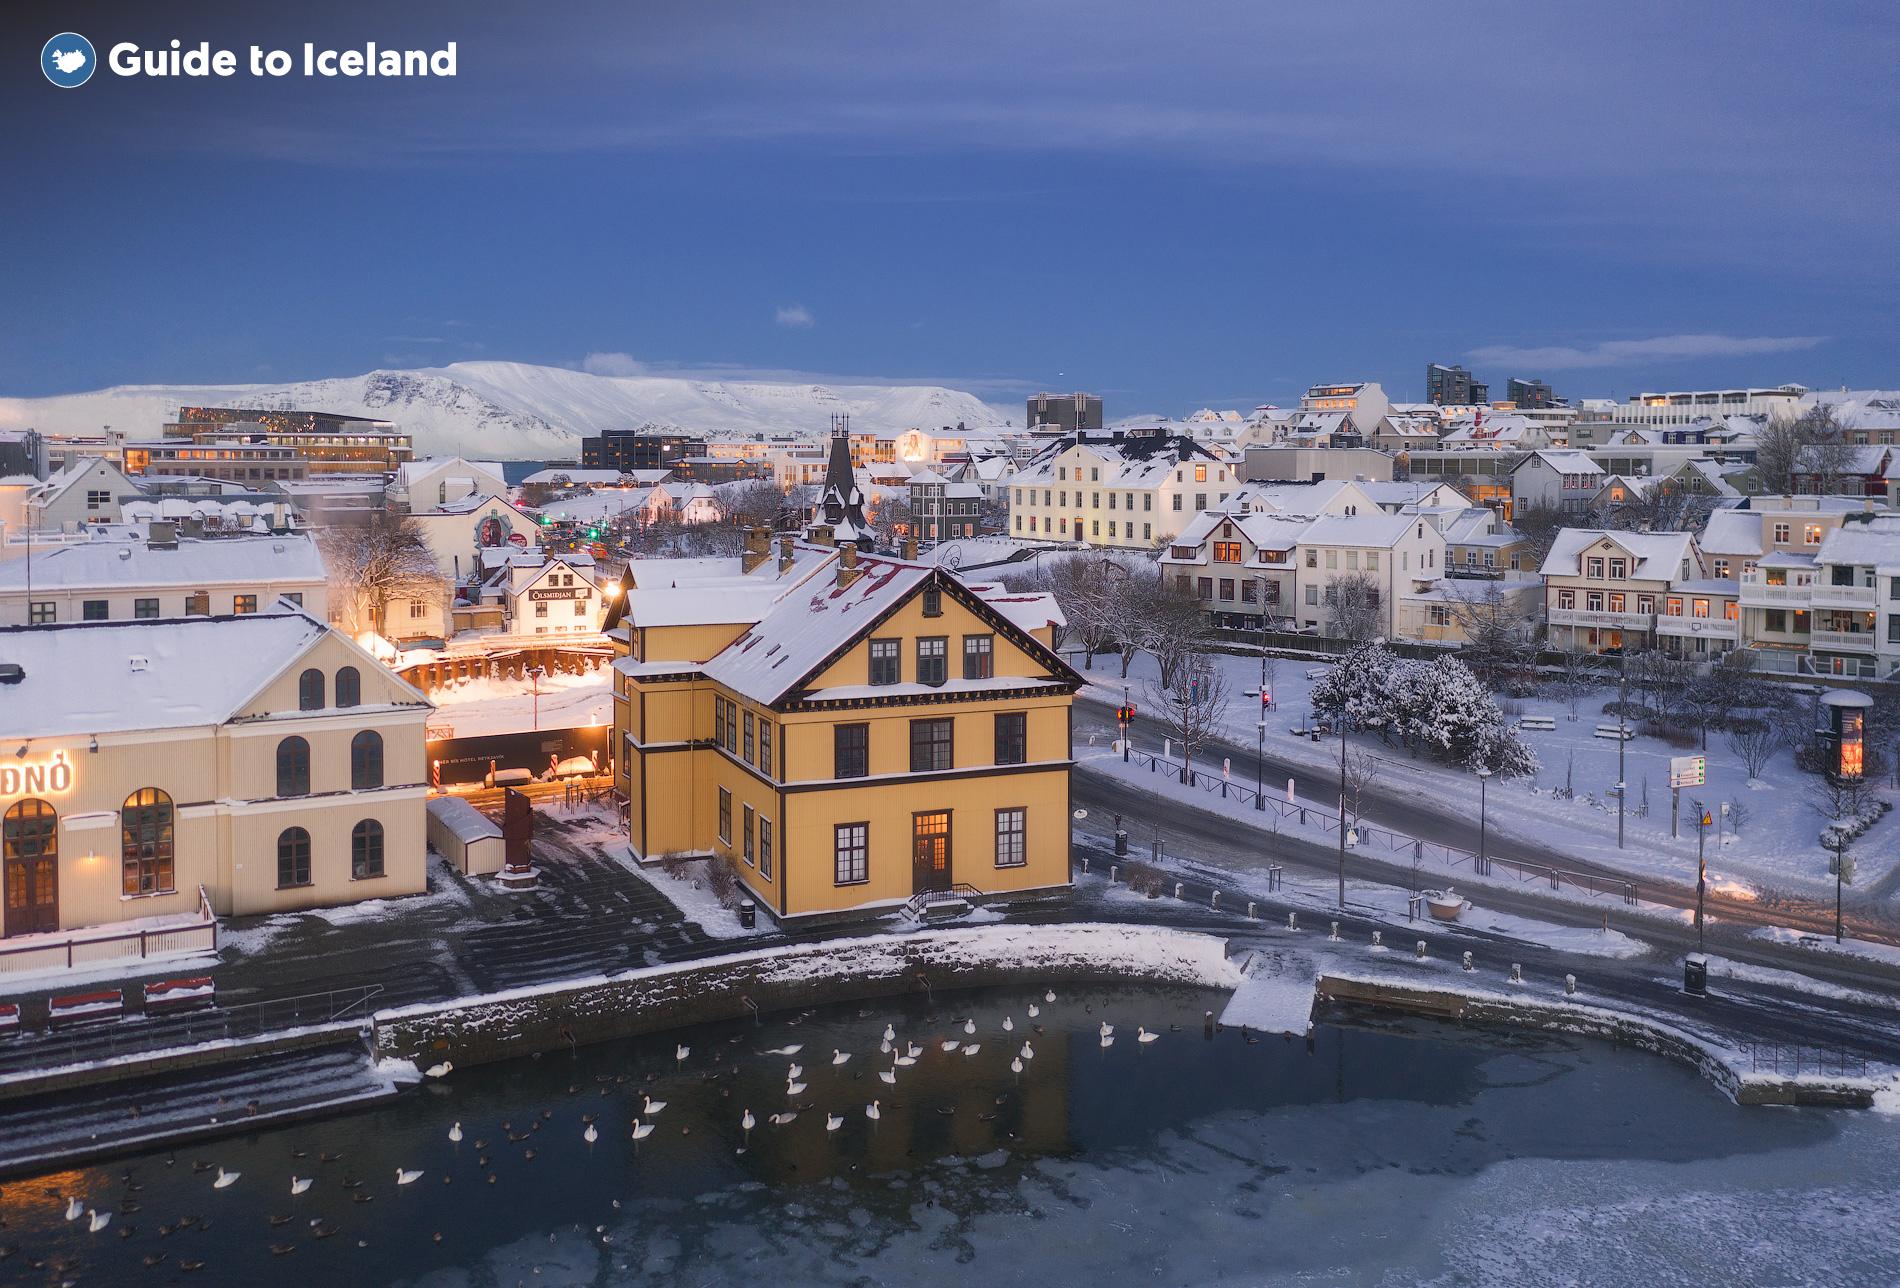 冰岛首都雷克雅未克的市中心彩色屋顶